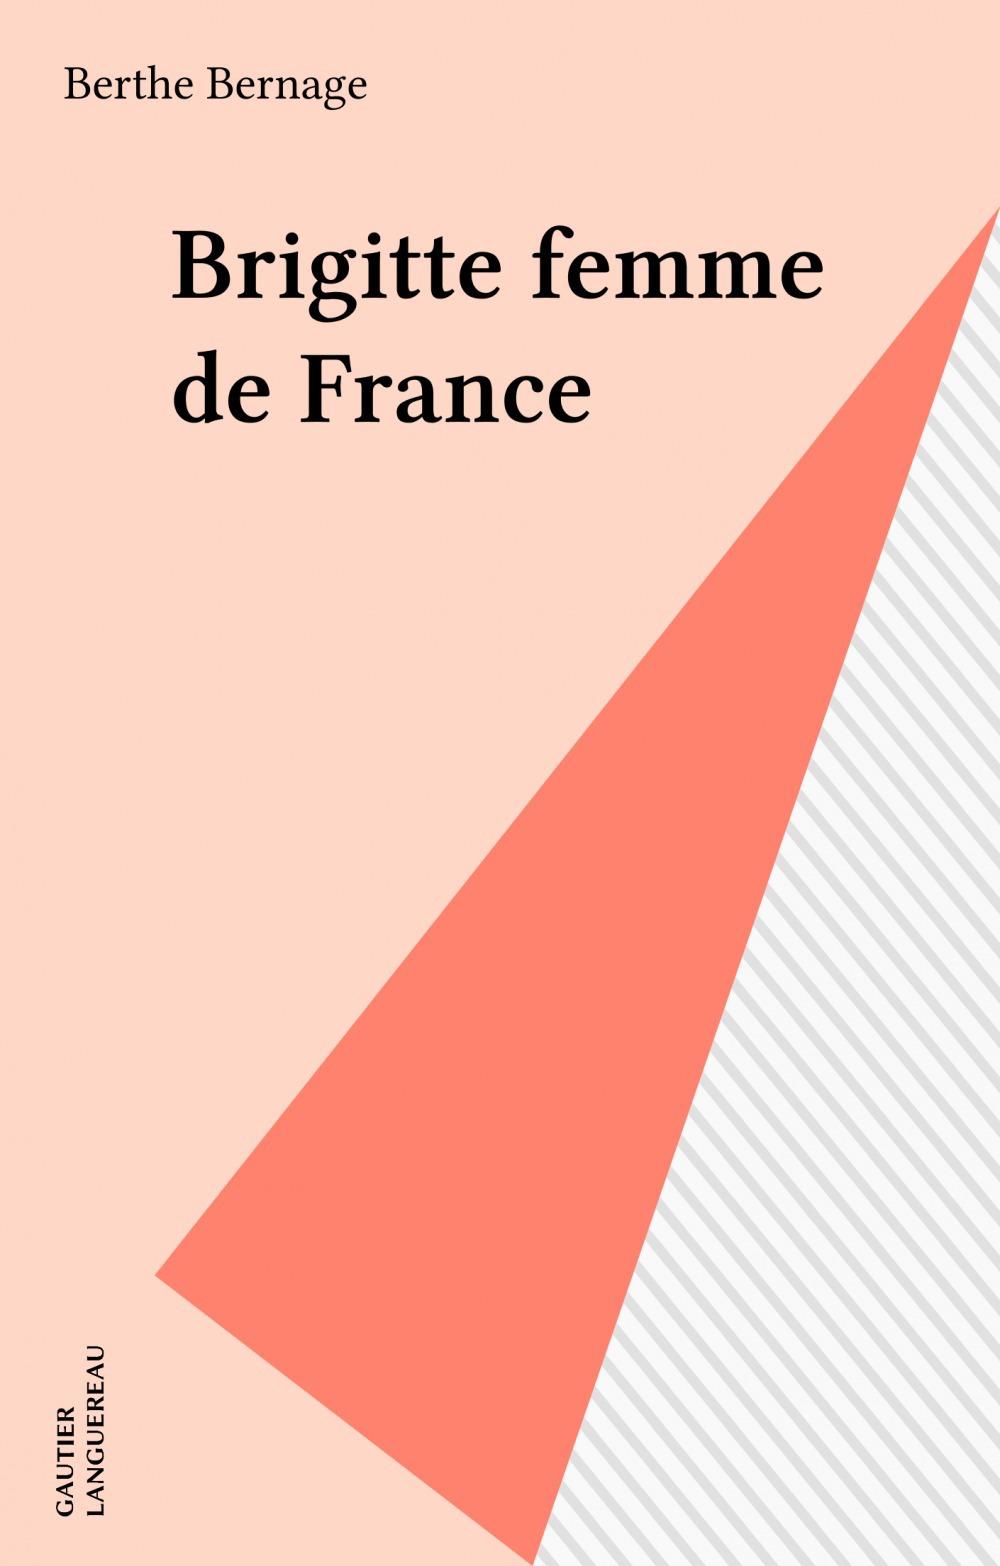 Brigitte femme de France  - Berthe Bernage